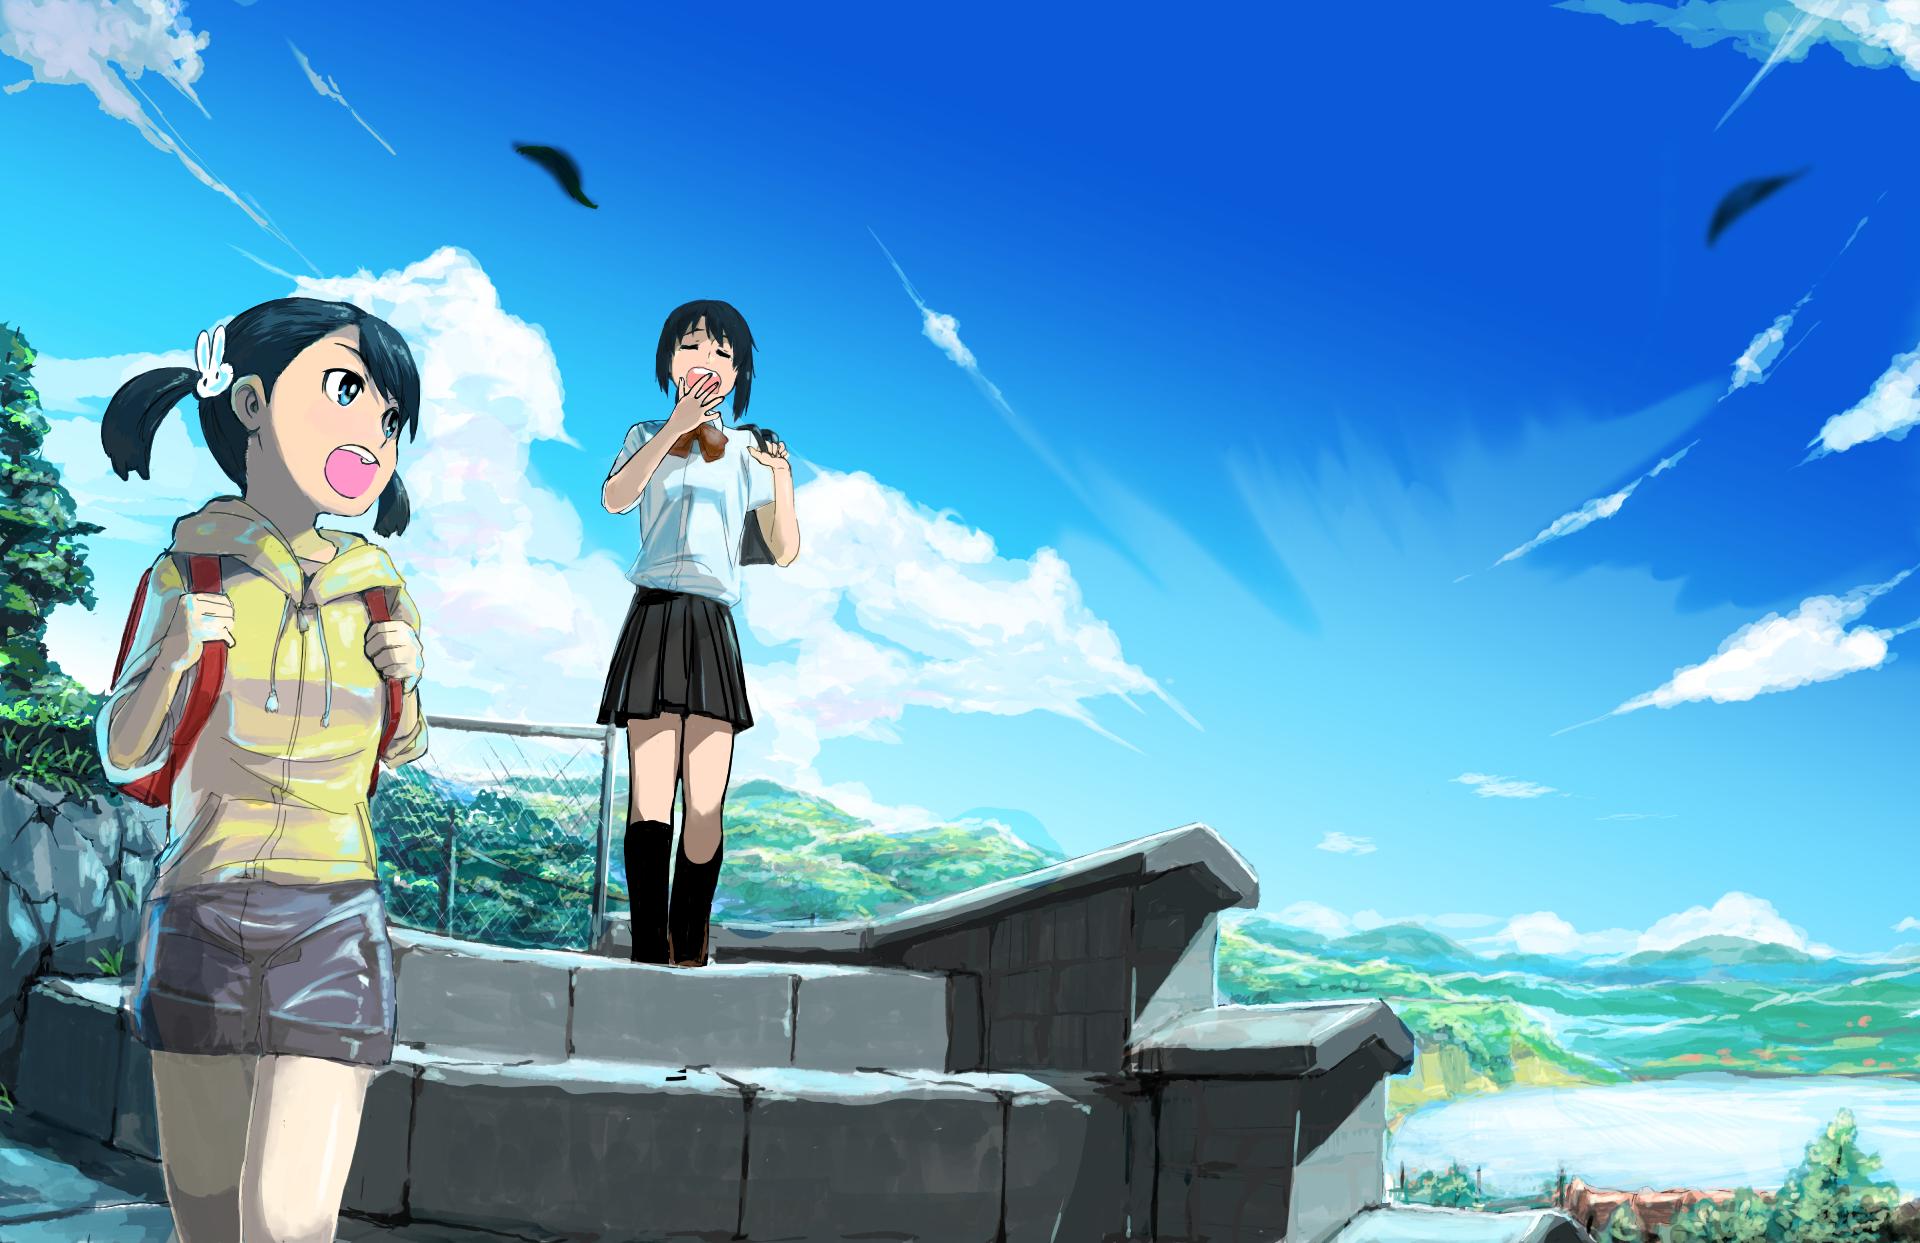 Hd wallpaper kimi no na wa - Kimi No Na Wa Mitsuha Miyamizu Taki Tachibana Hd Wallpaper Background Id 742314